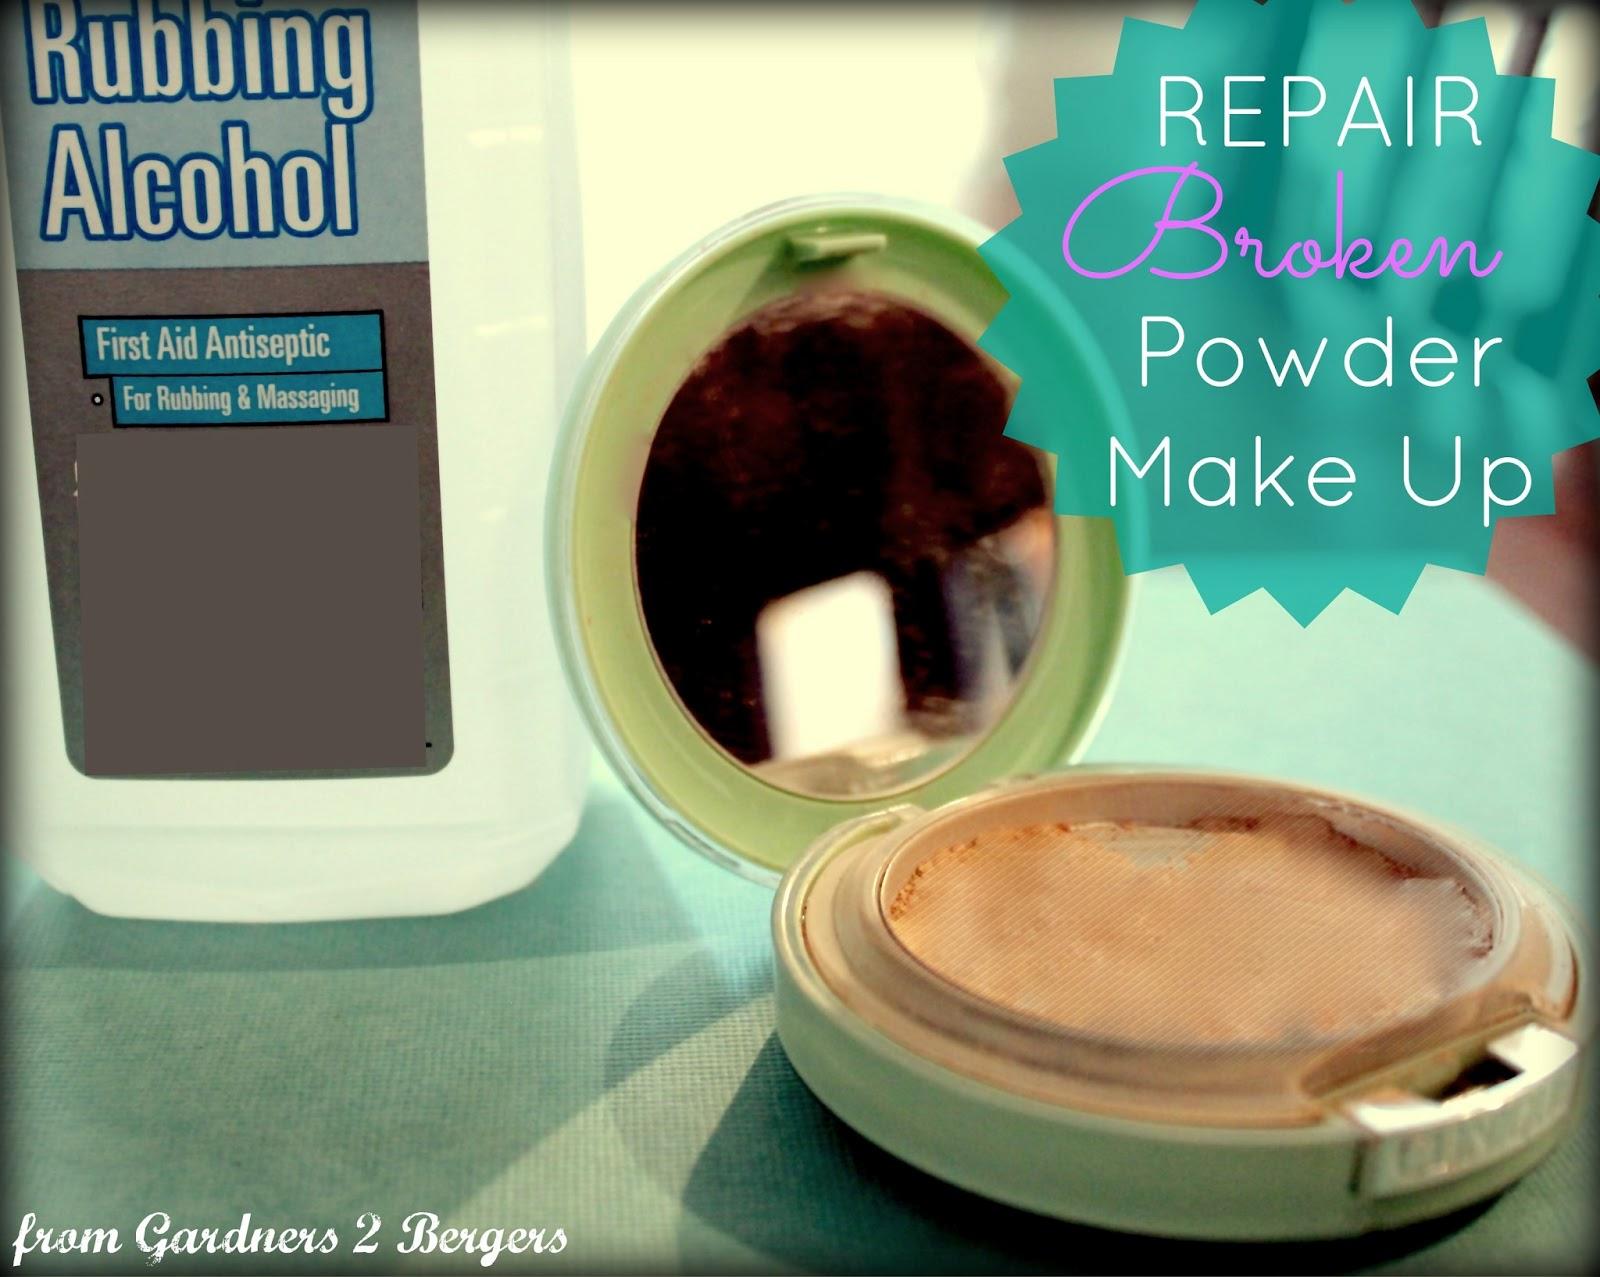 Repair-Any-Pressed-SEO-purposes-here